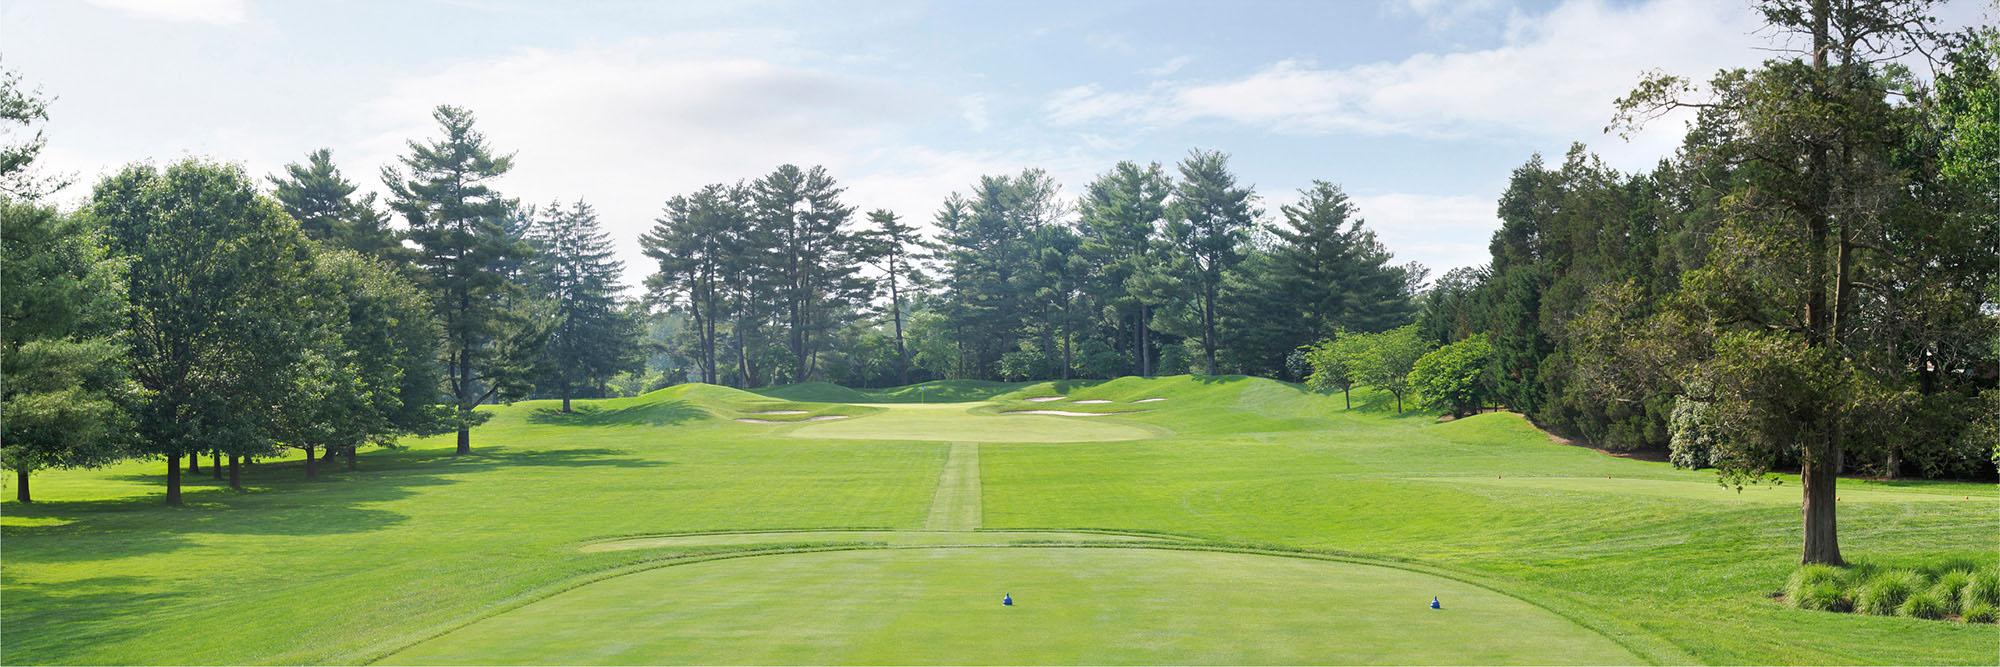 Golf Course Image - Congressional Blue No. 2